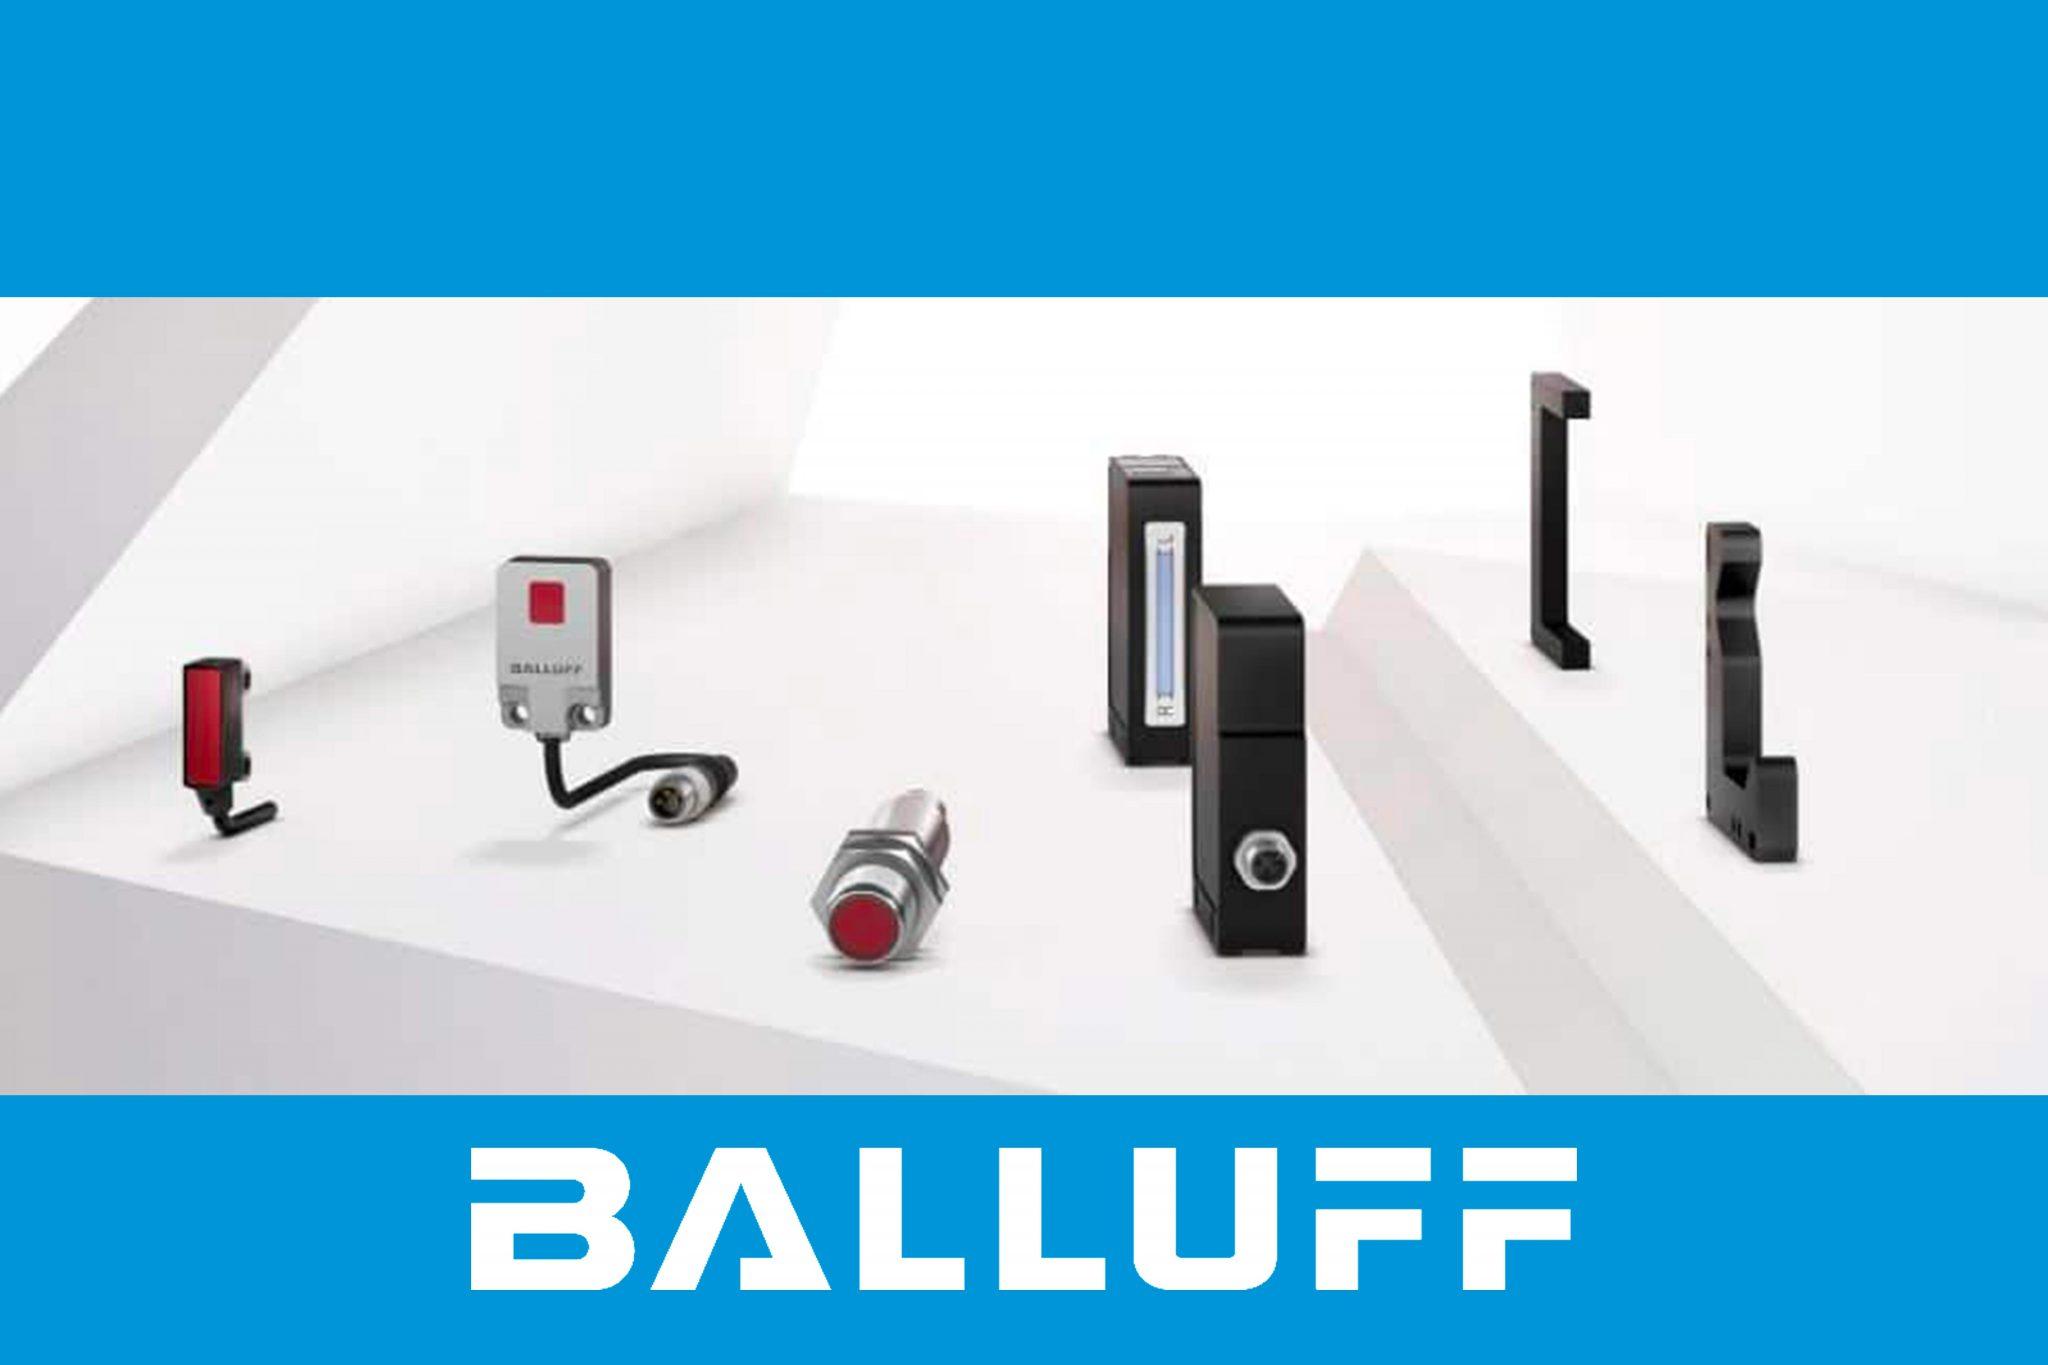 Sensori optoelettrici Balluff: l'affidabilità scelta da Electro IB